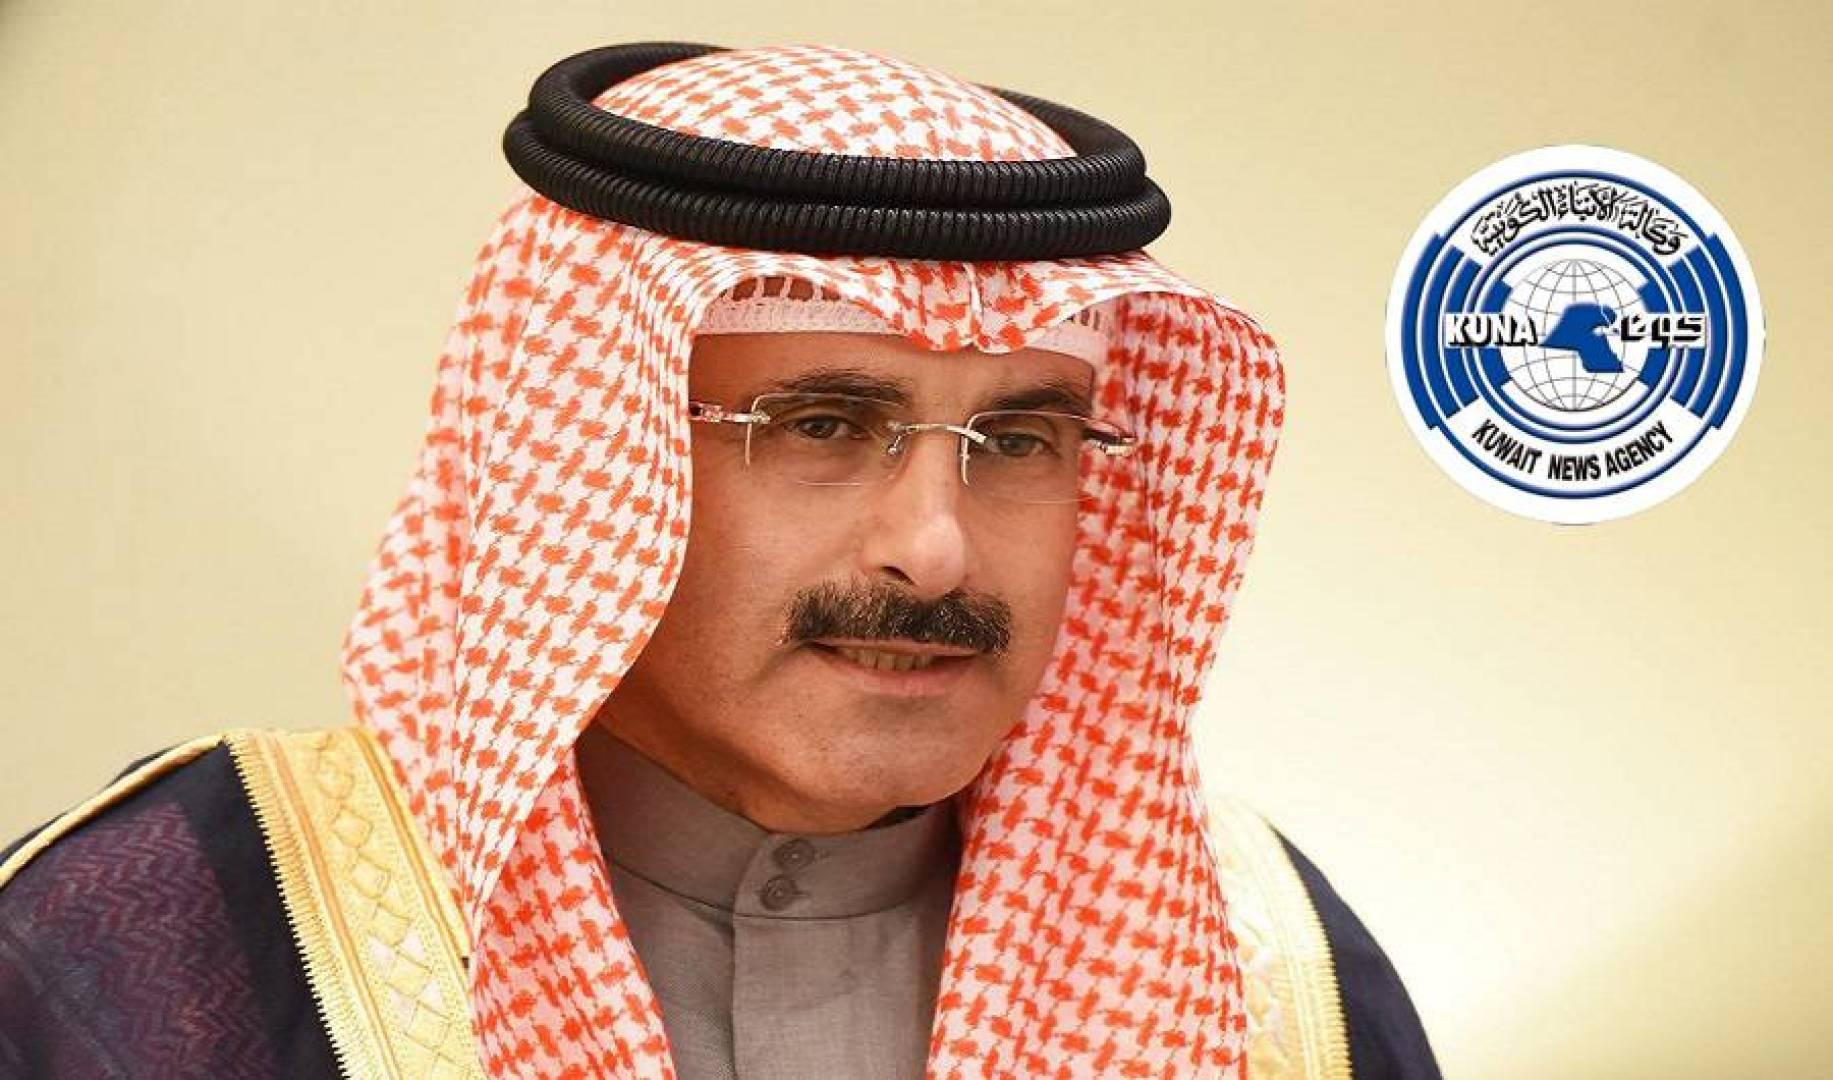 مبارك الدعيج: أحلنا موضوع اختراق حساب «كونا» على «تويتر» للنيابة العامة